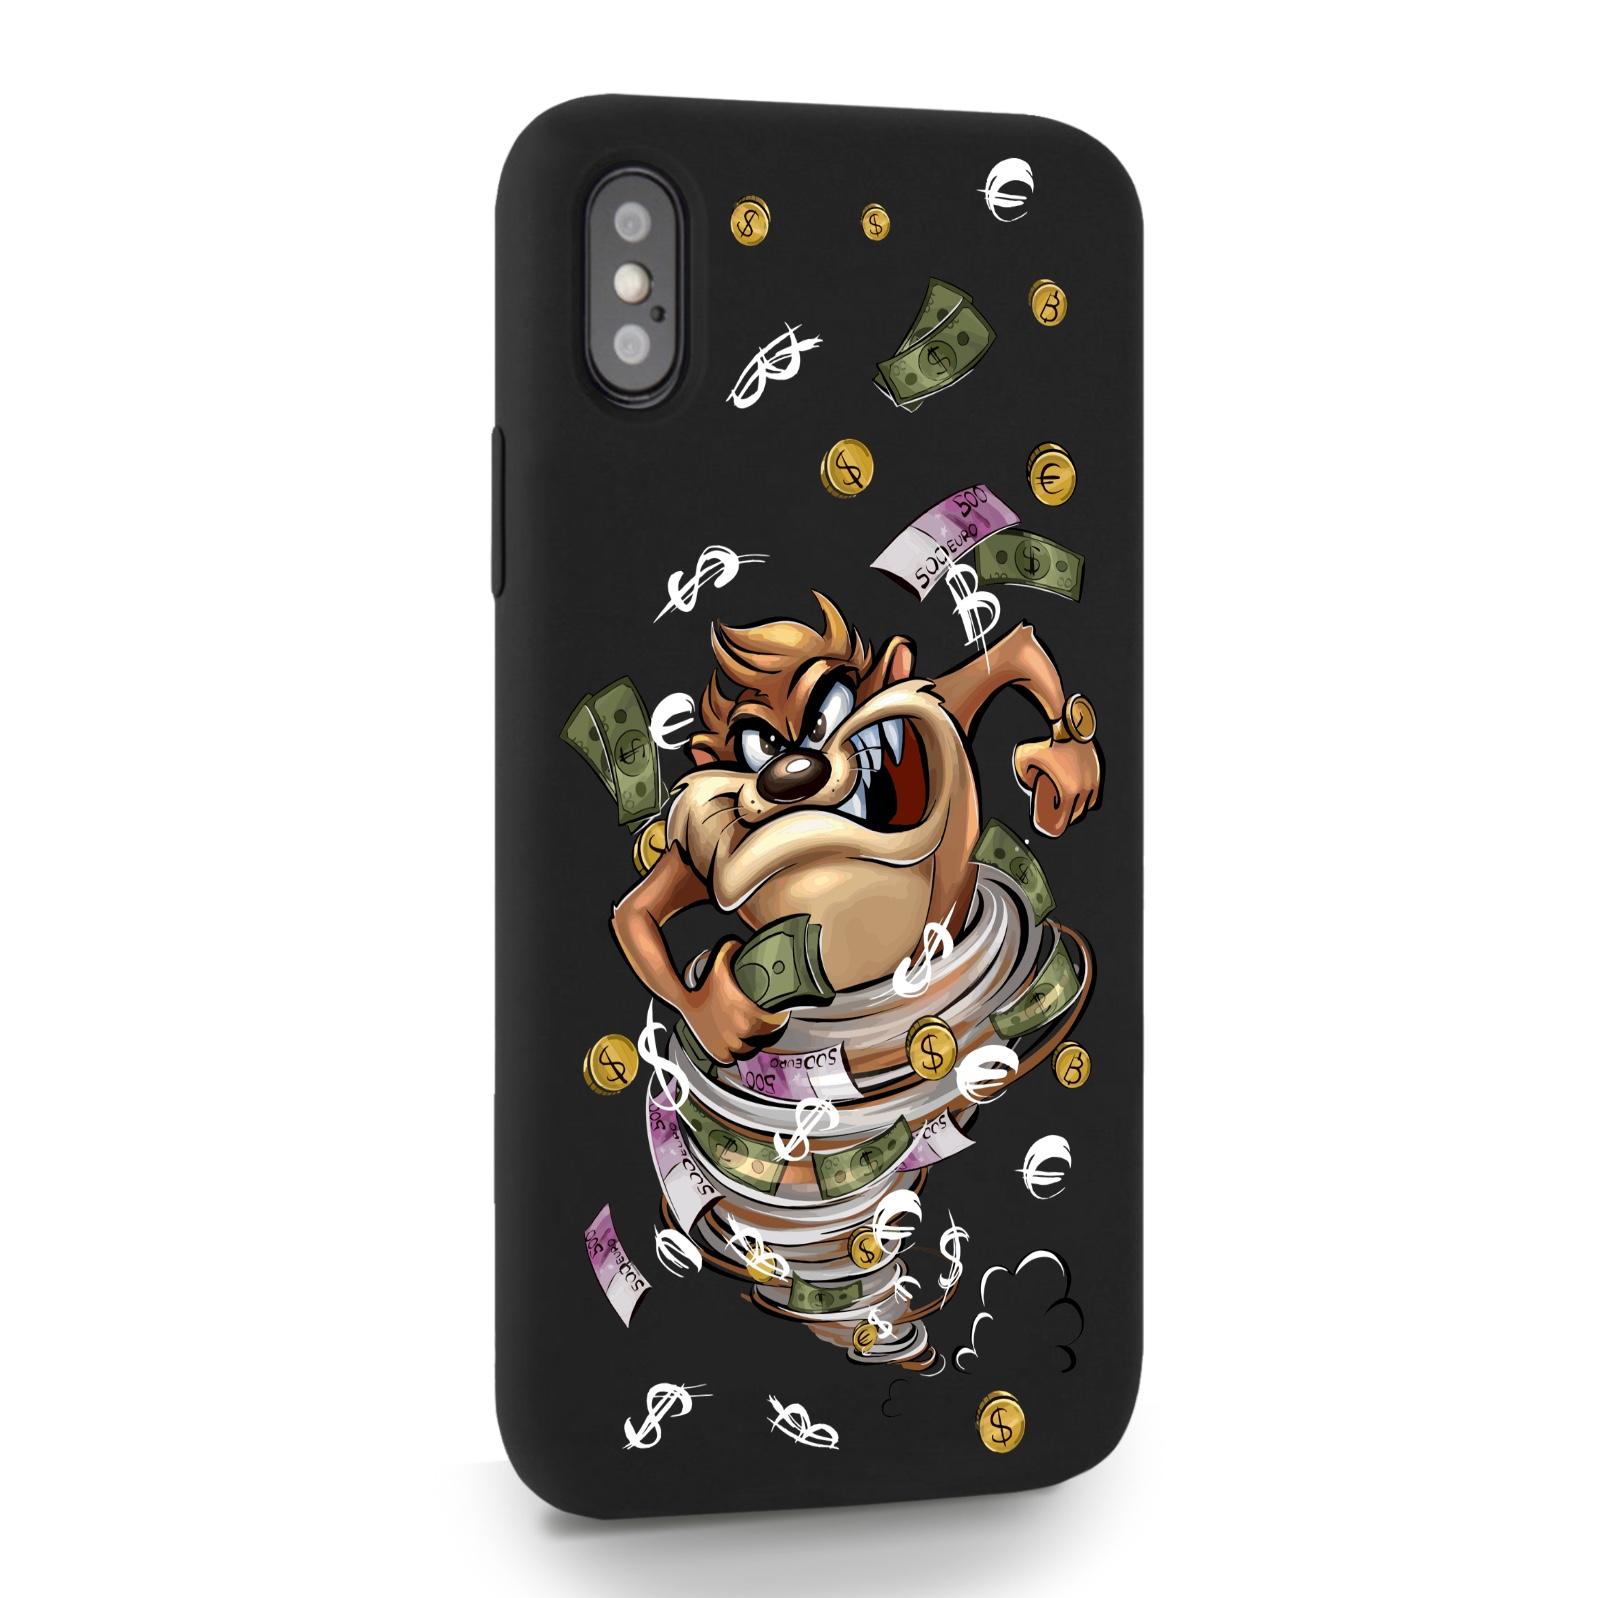 Черный силиконовый чехол для iPhone X/XS Торнадо для Айфон 10/10с